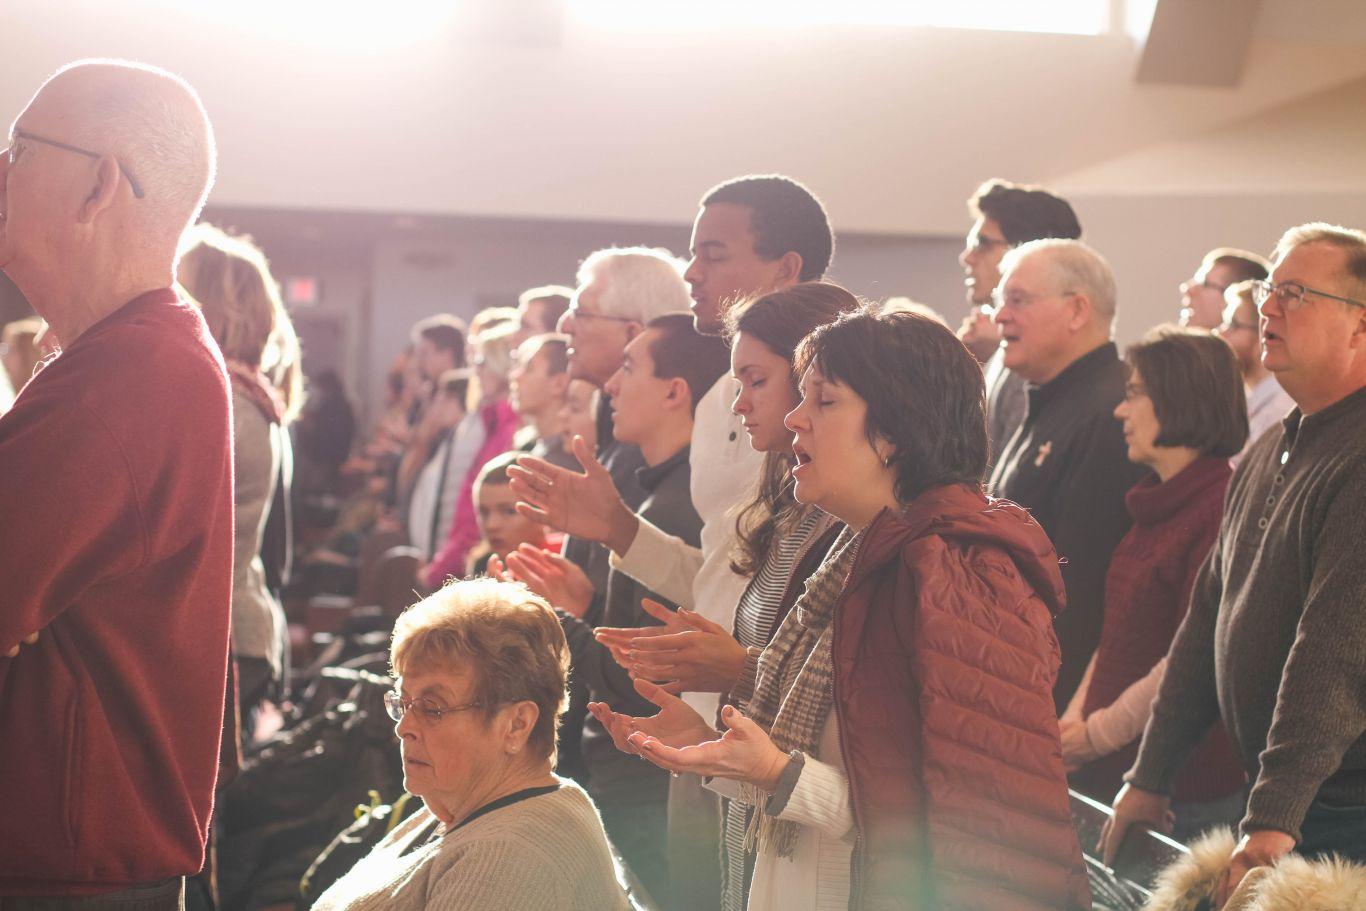 reconhecimento facial igrejas 4